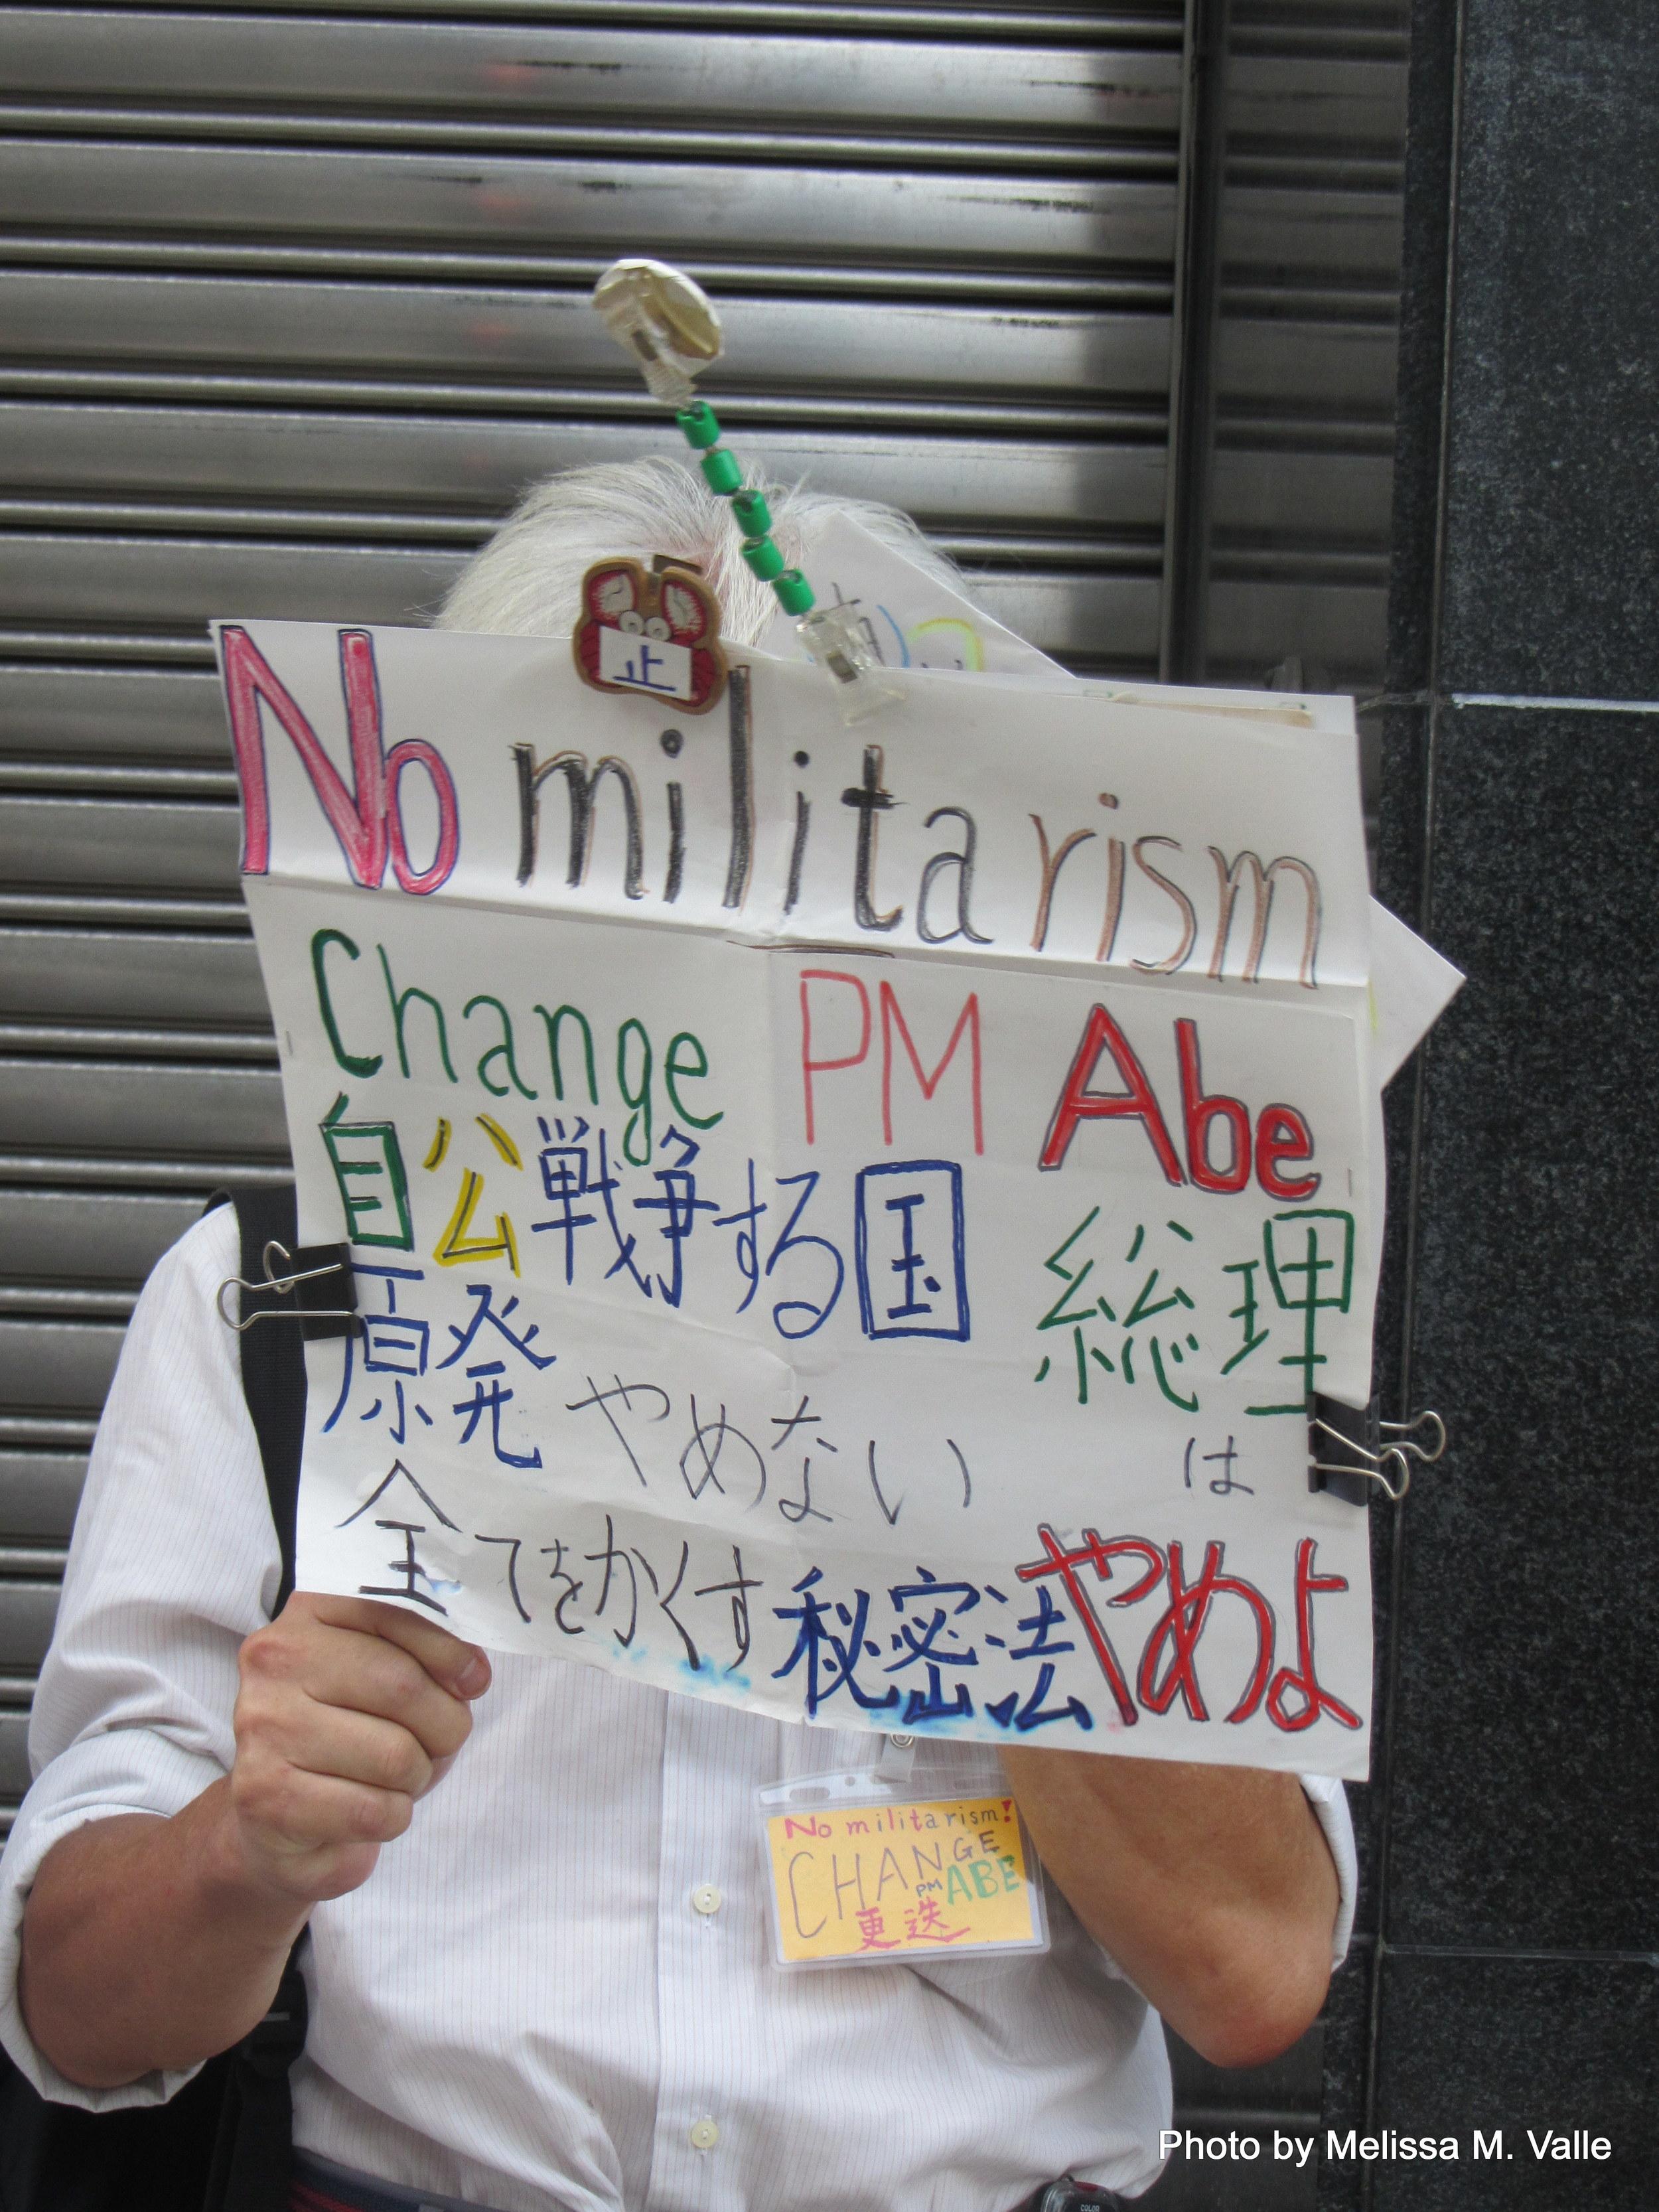 7.18.14 Kyoto, Japan-Anti-nukes protesters (9).JPG